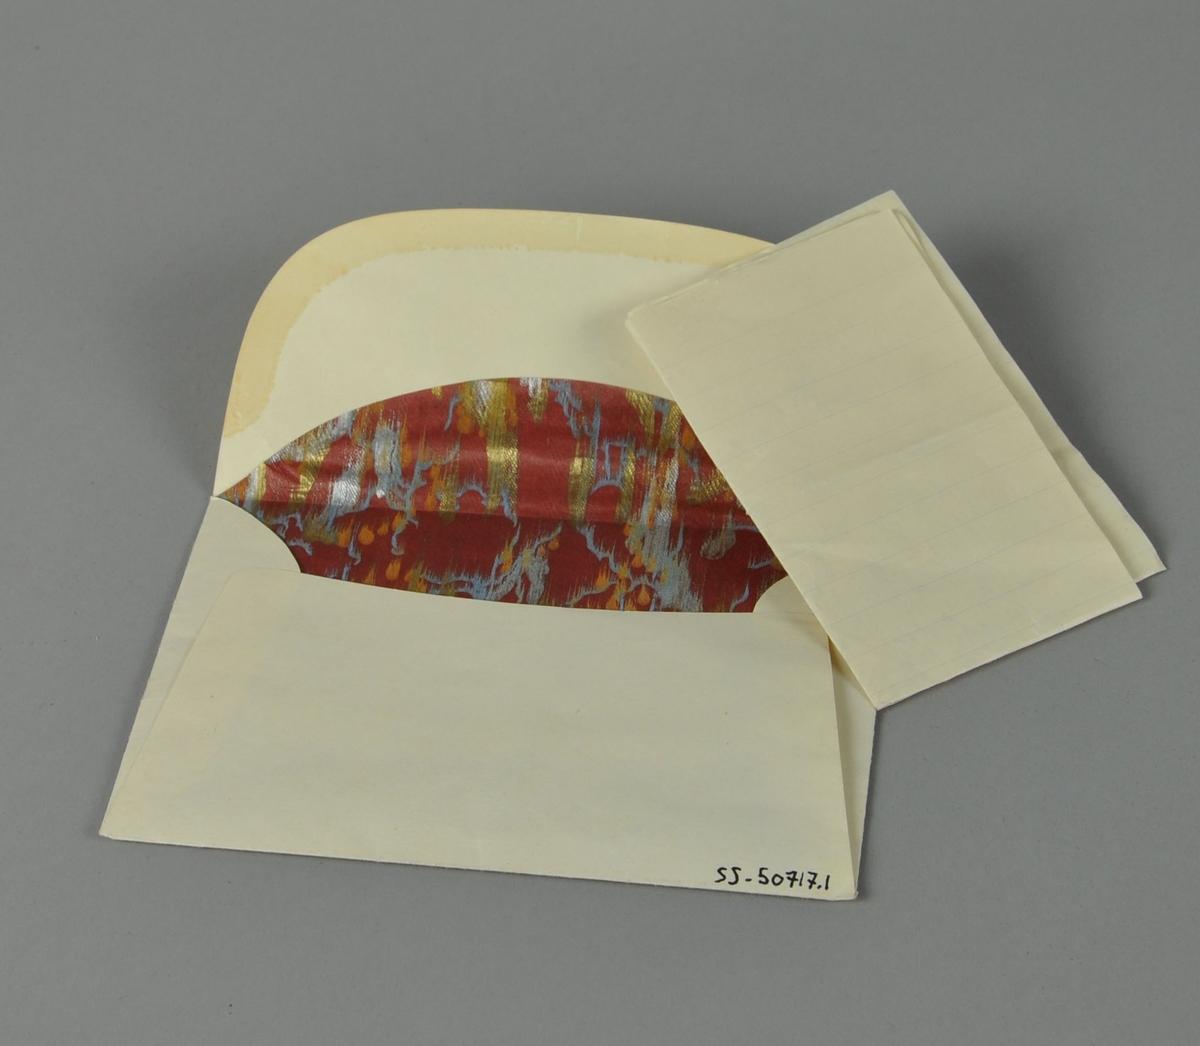 Håndskrevet brev i konvolutt, i forbindelse med I.O.G.T.